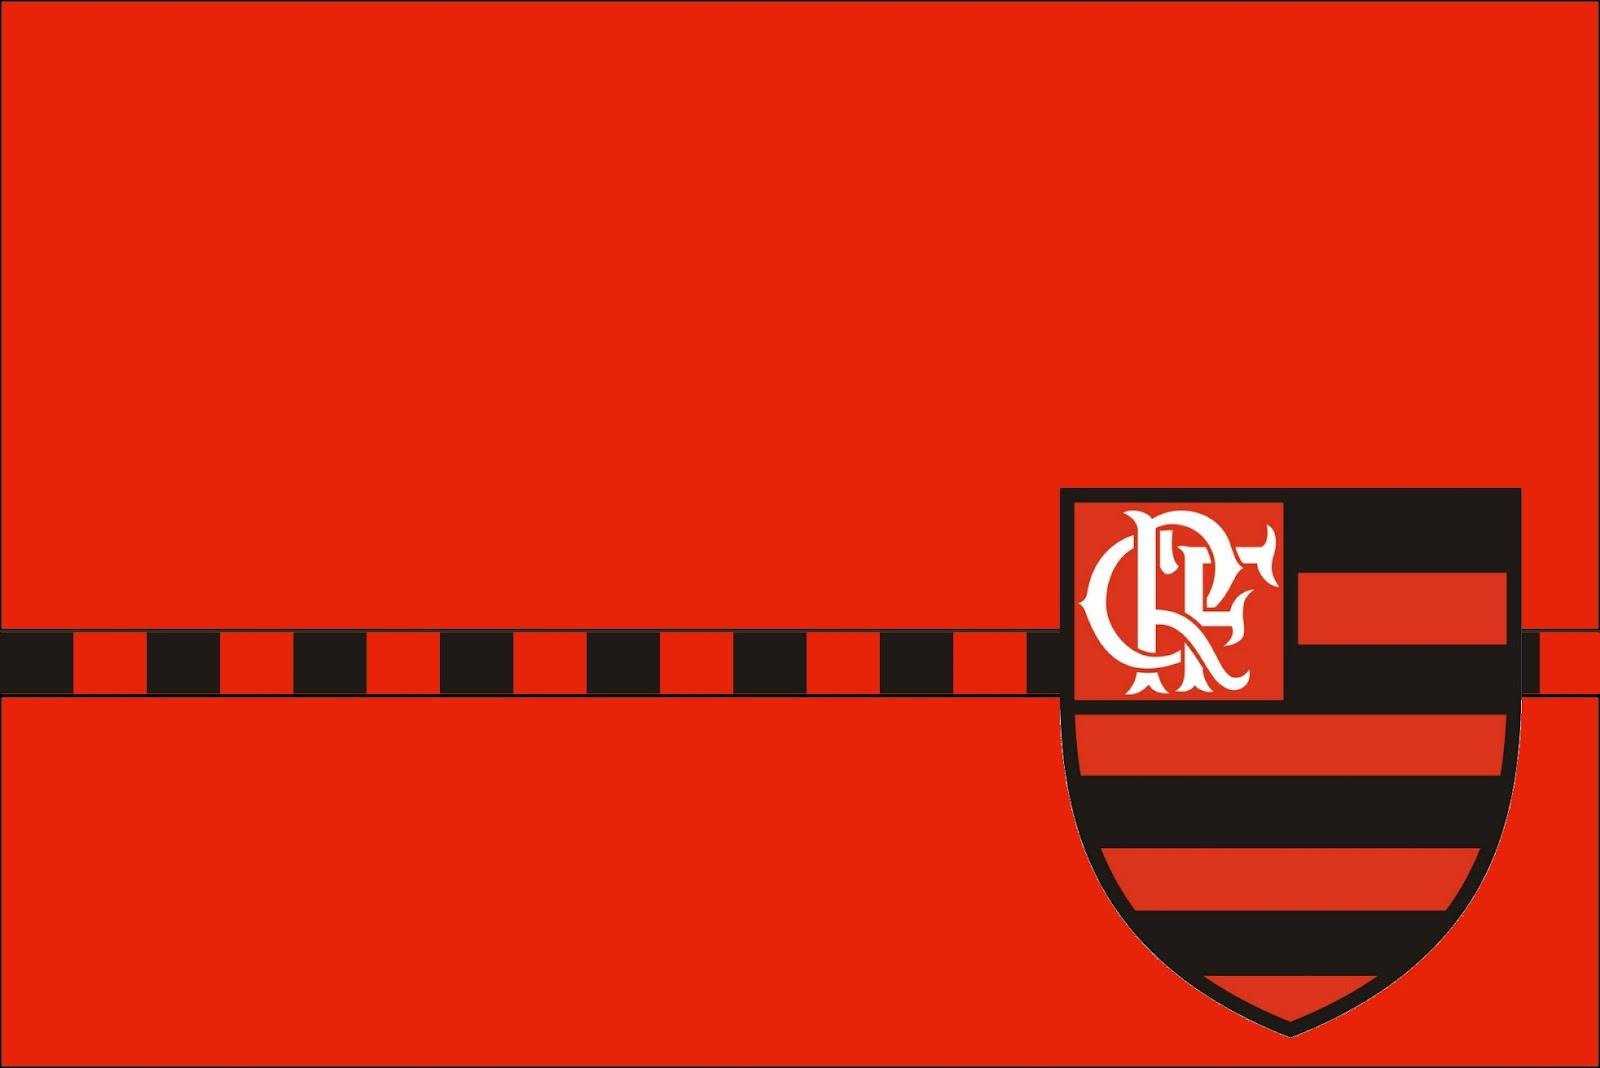 42e022793a Convite Digital E Tag Futebol Flamengo No Elo7 Cris Arte Criativa